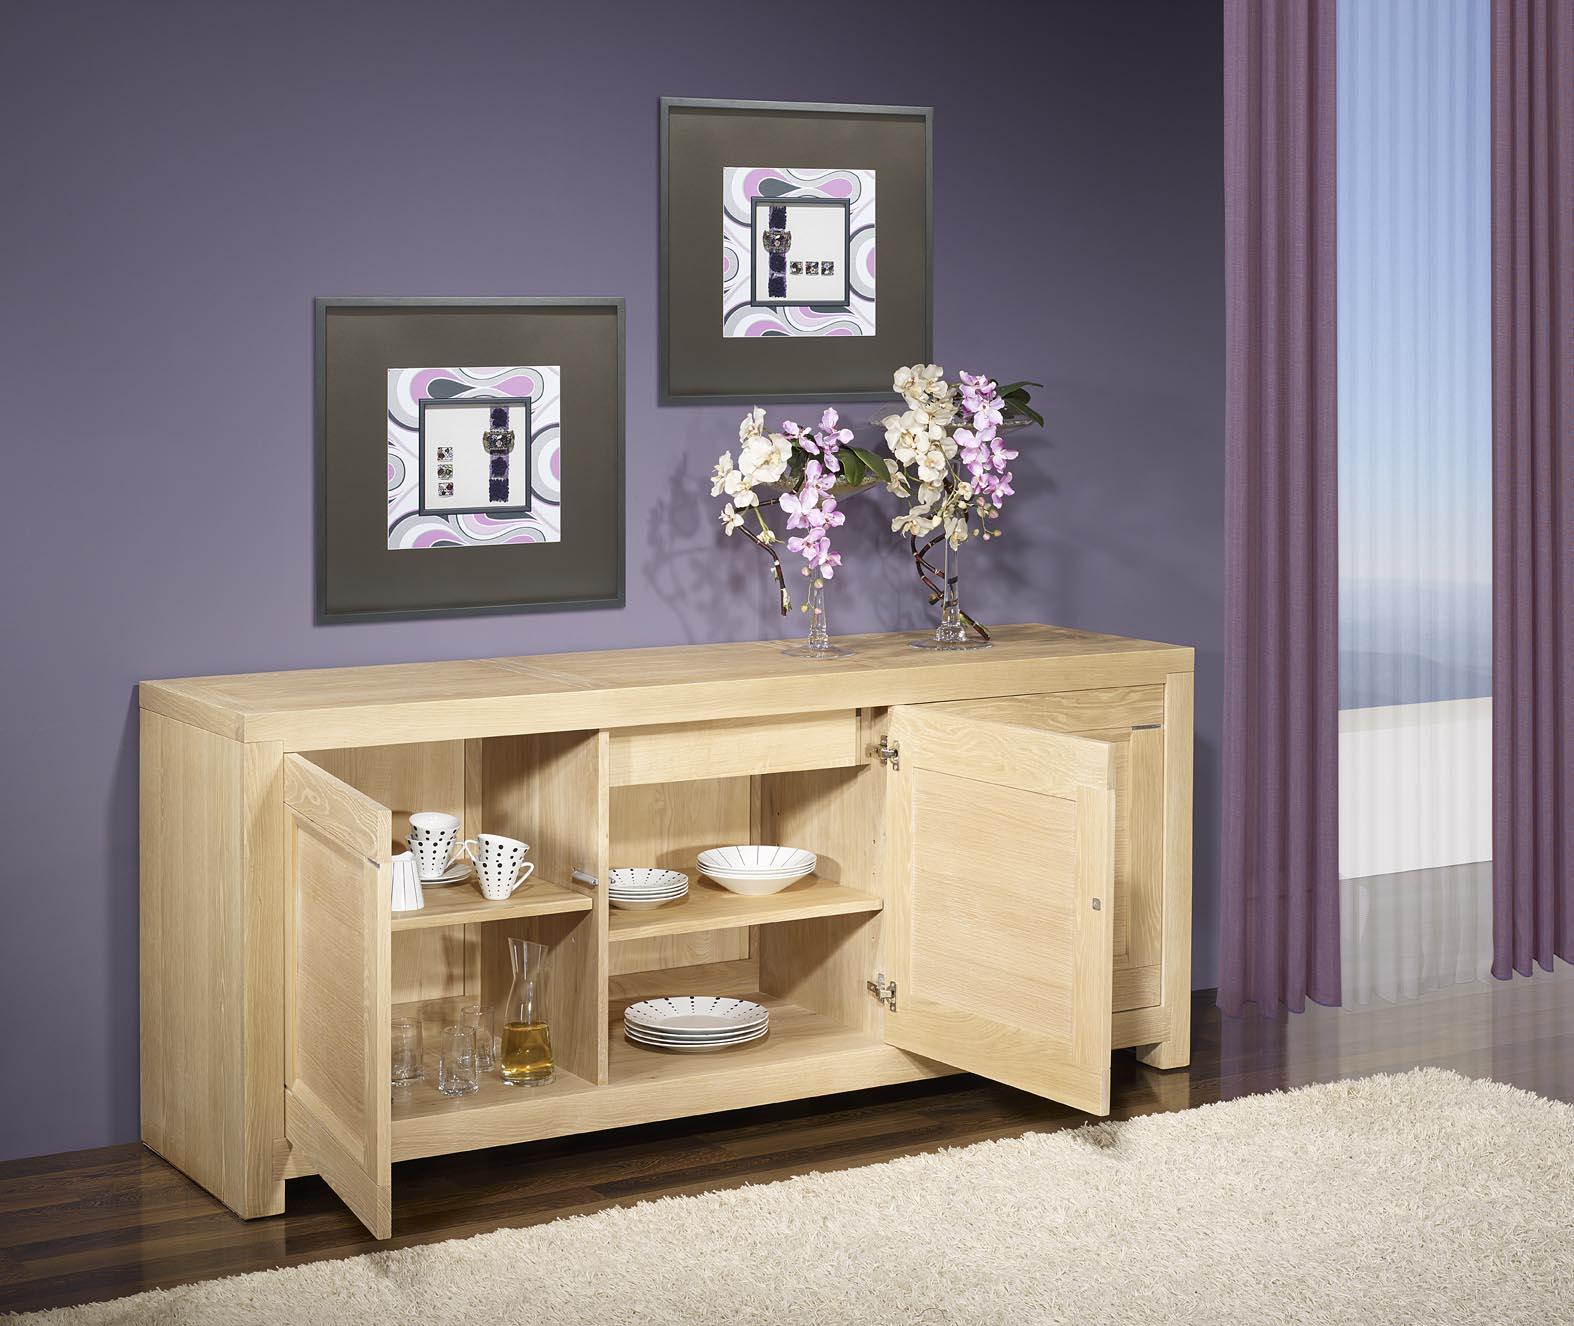 bahut 3 portes en ch ne massif de ligne contemporaine finition ch ne bross blanchi meuble en. Black Bedroom Furniture Sets. Home Design Ideas